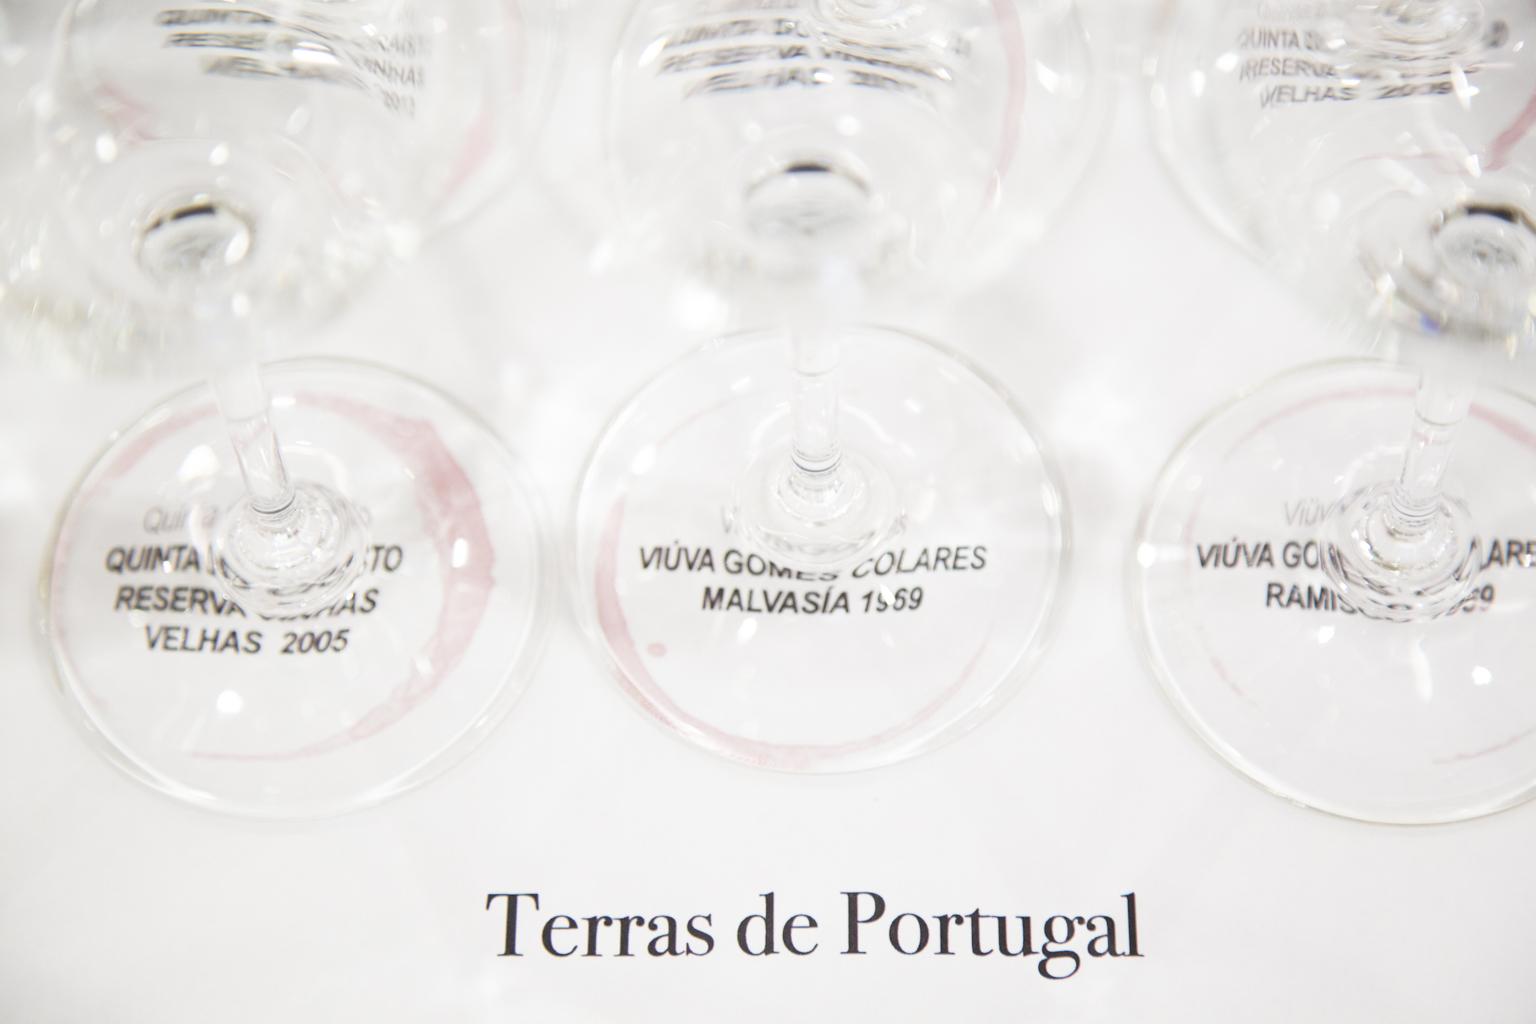 Cata Terras de Portugal en la XV Experiencia Verema